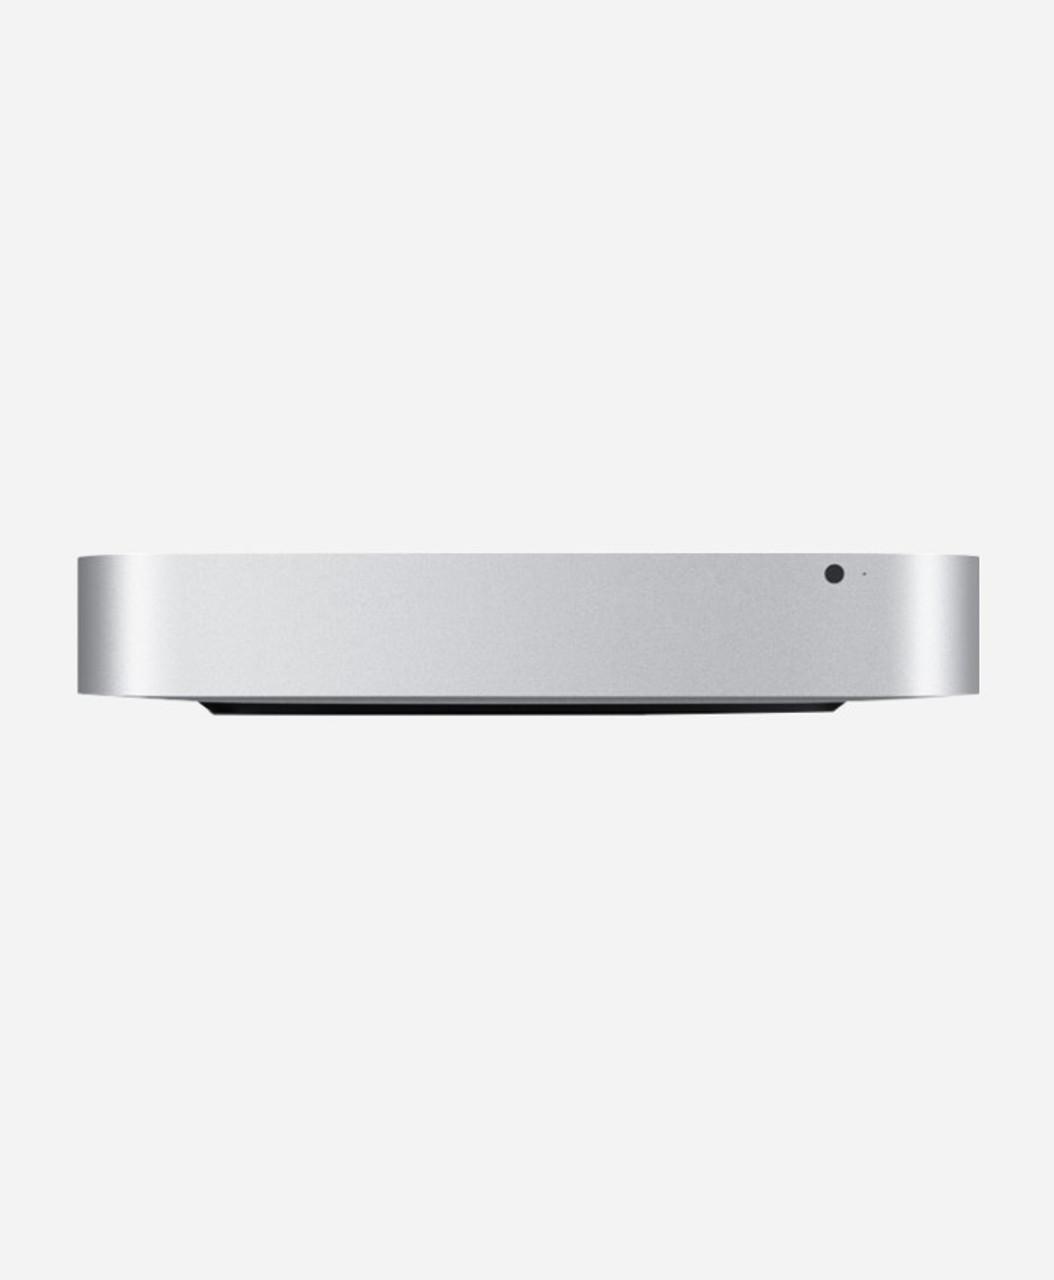 Used Mac Mini >> Used Apple Mac Mini Aluminum Unibody 2 6ghz Quad Core I7 Late 2012